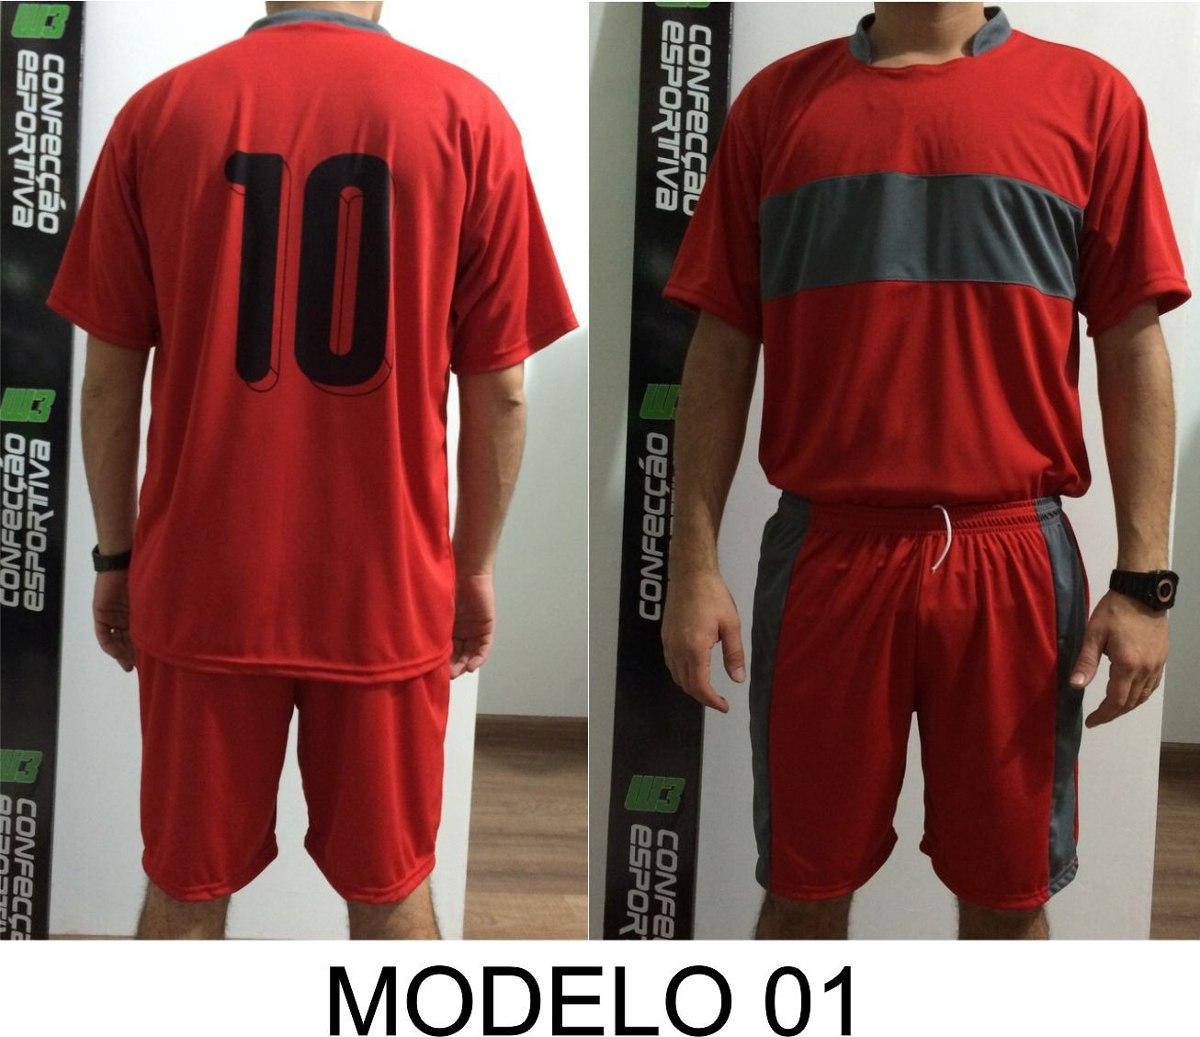 Uniforme Futebol 25 Camisas 25 Calções Futebol Dry Sport W3 - R ... 2538b208f3408